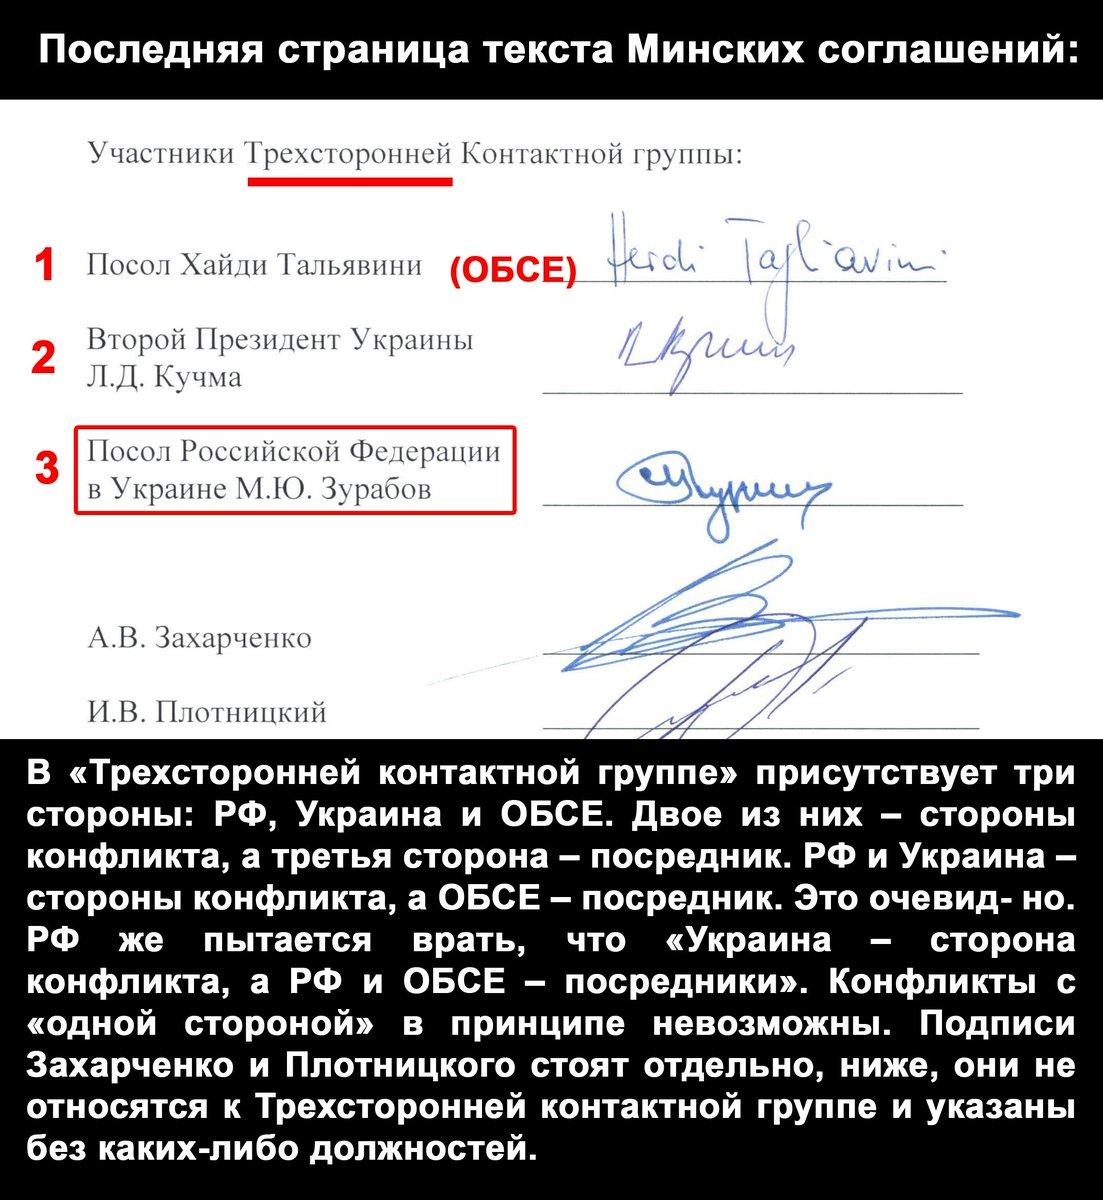 ЕС должен сохранить санкции против Крыма несмотря на возможный прогресс в Минских договоренностях, – евродепутат - Цензор.НЕТ 5494